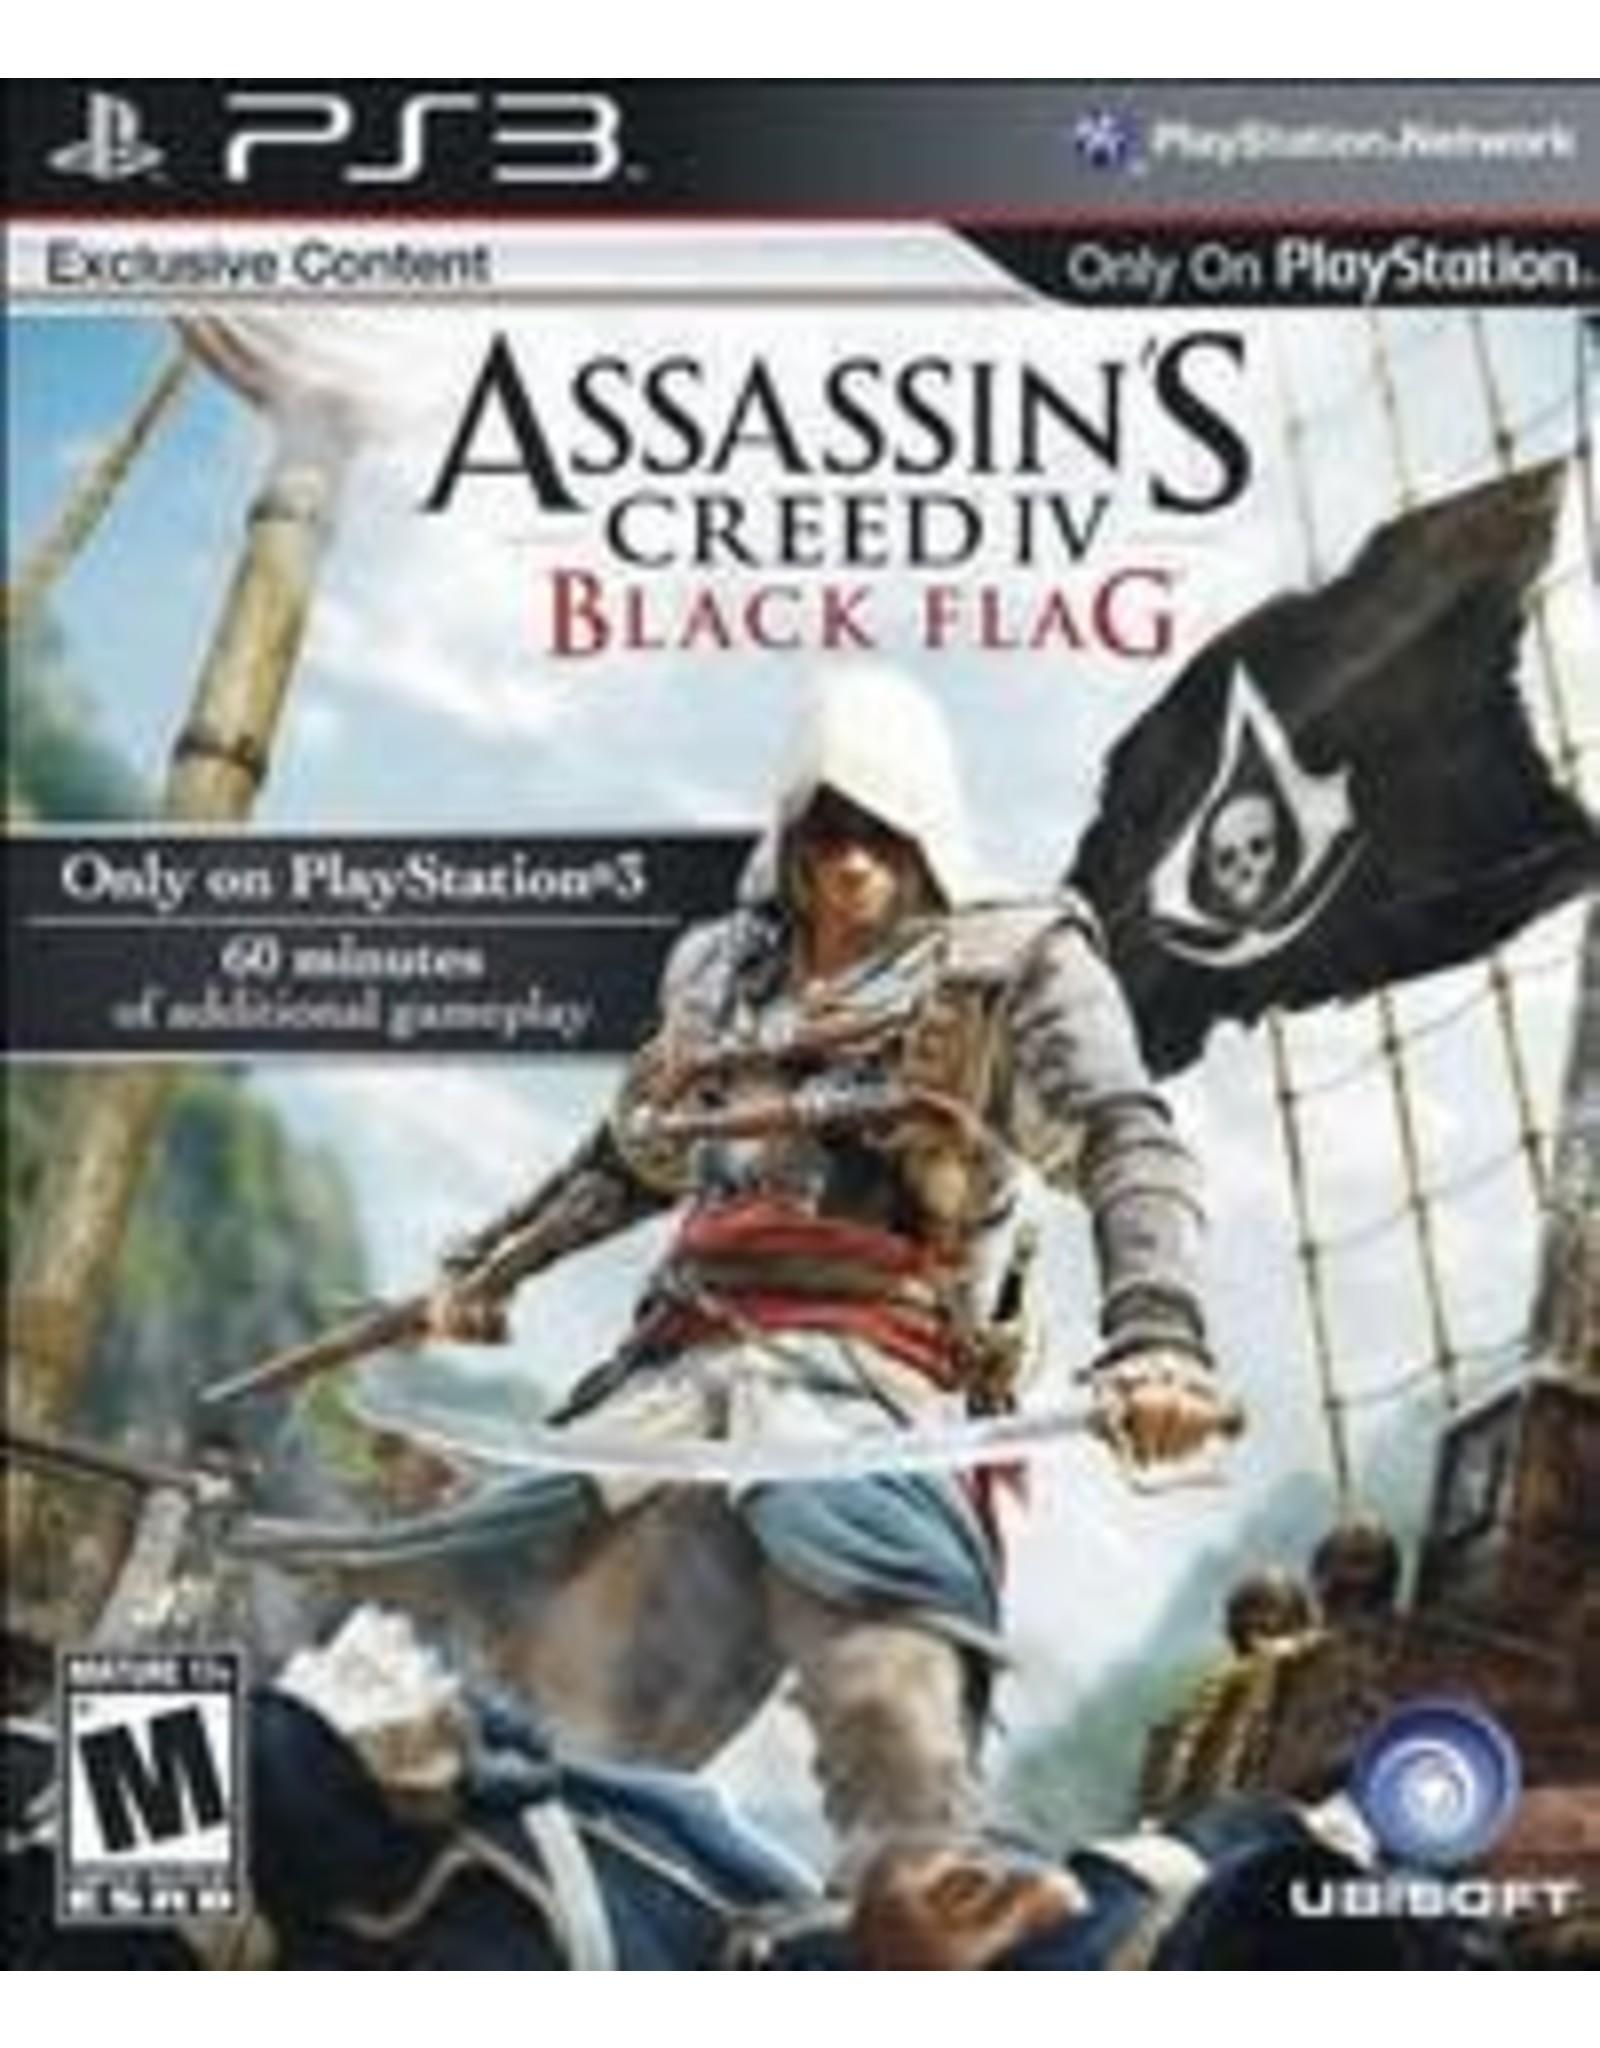 Playstation 3 Assassin's Creed IV: Black Flag (No Manual)